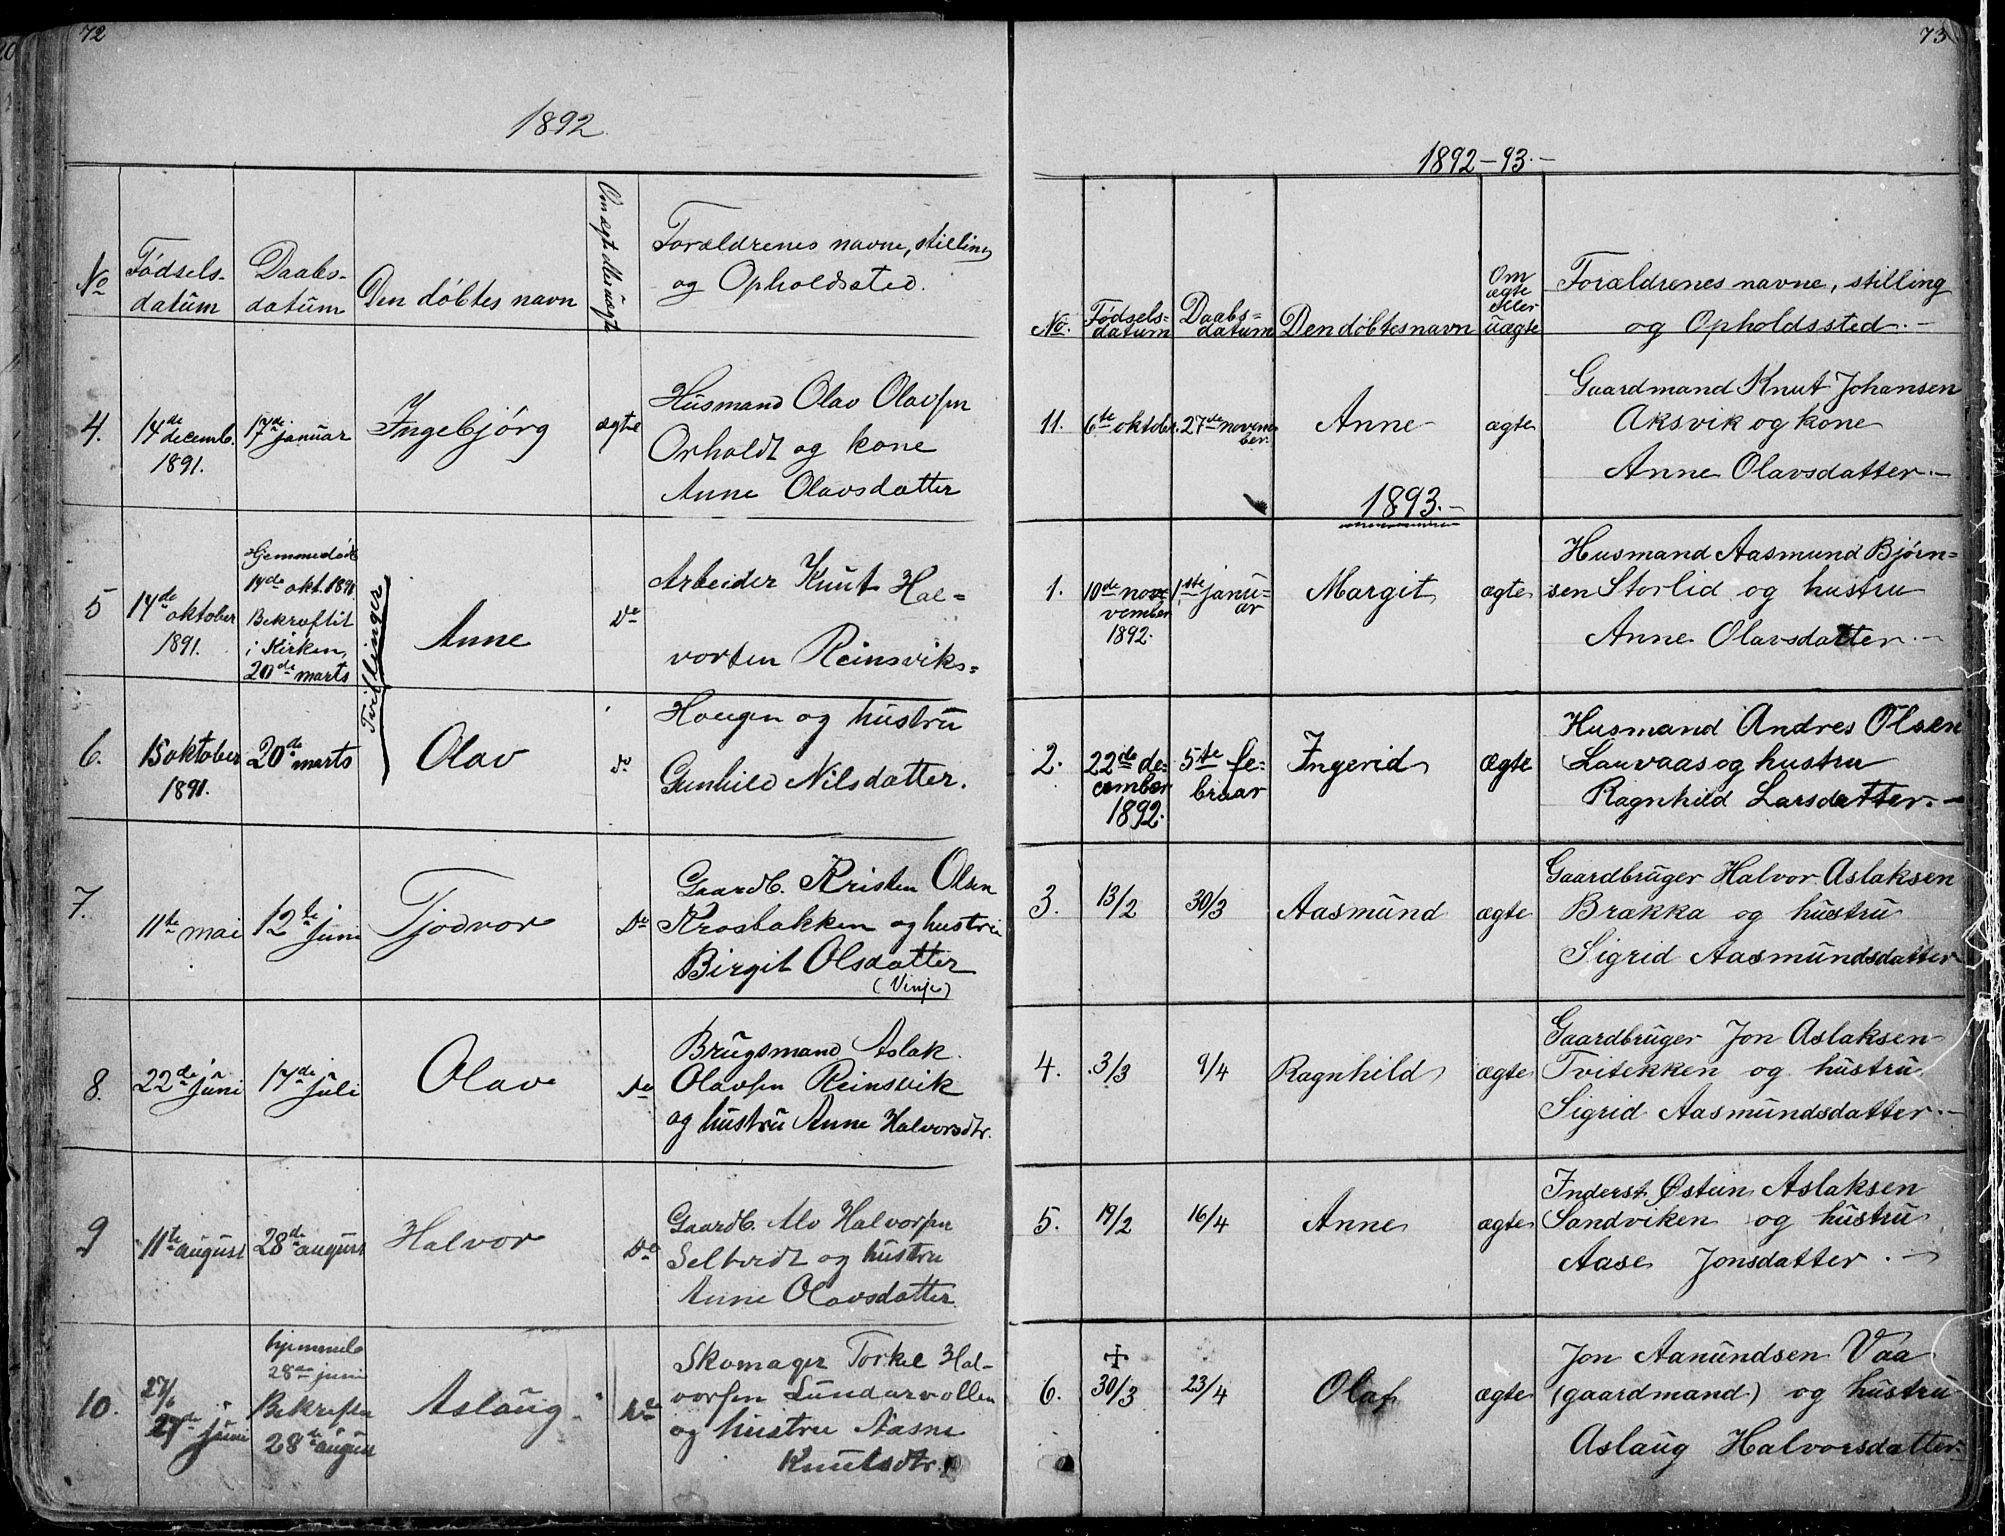 SAKO, Rauland kirkebøker, G/Ga/L0002: Klokkerbok nr. I 2, 1849-1935, s. 72-73